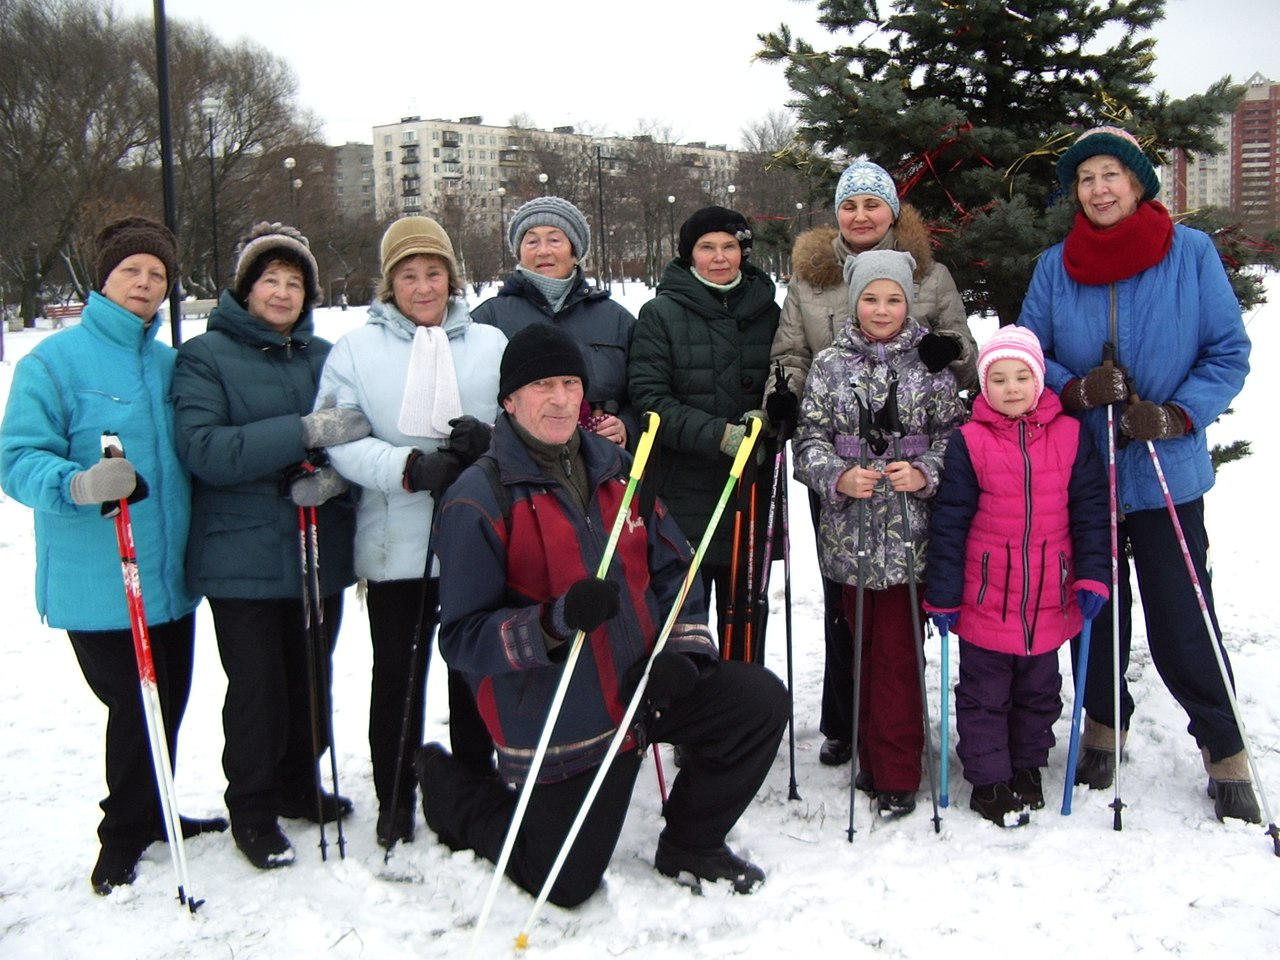 Новогодние старты. 10 января 2017 года парк Турку. Группа Скандинавской ходьбы «Возрождение»